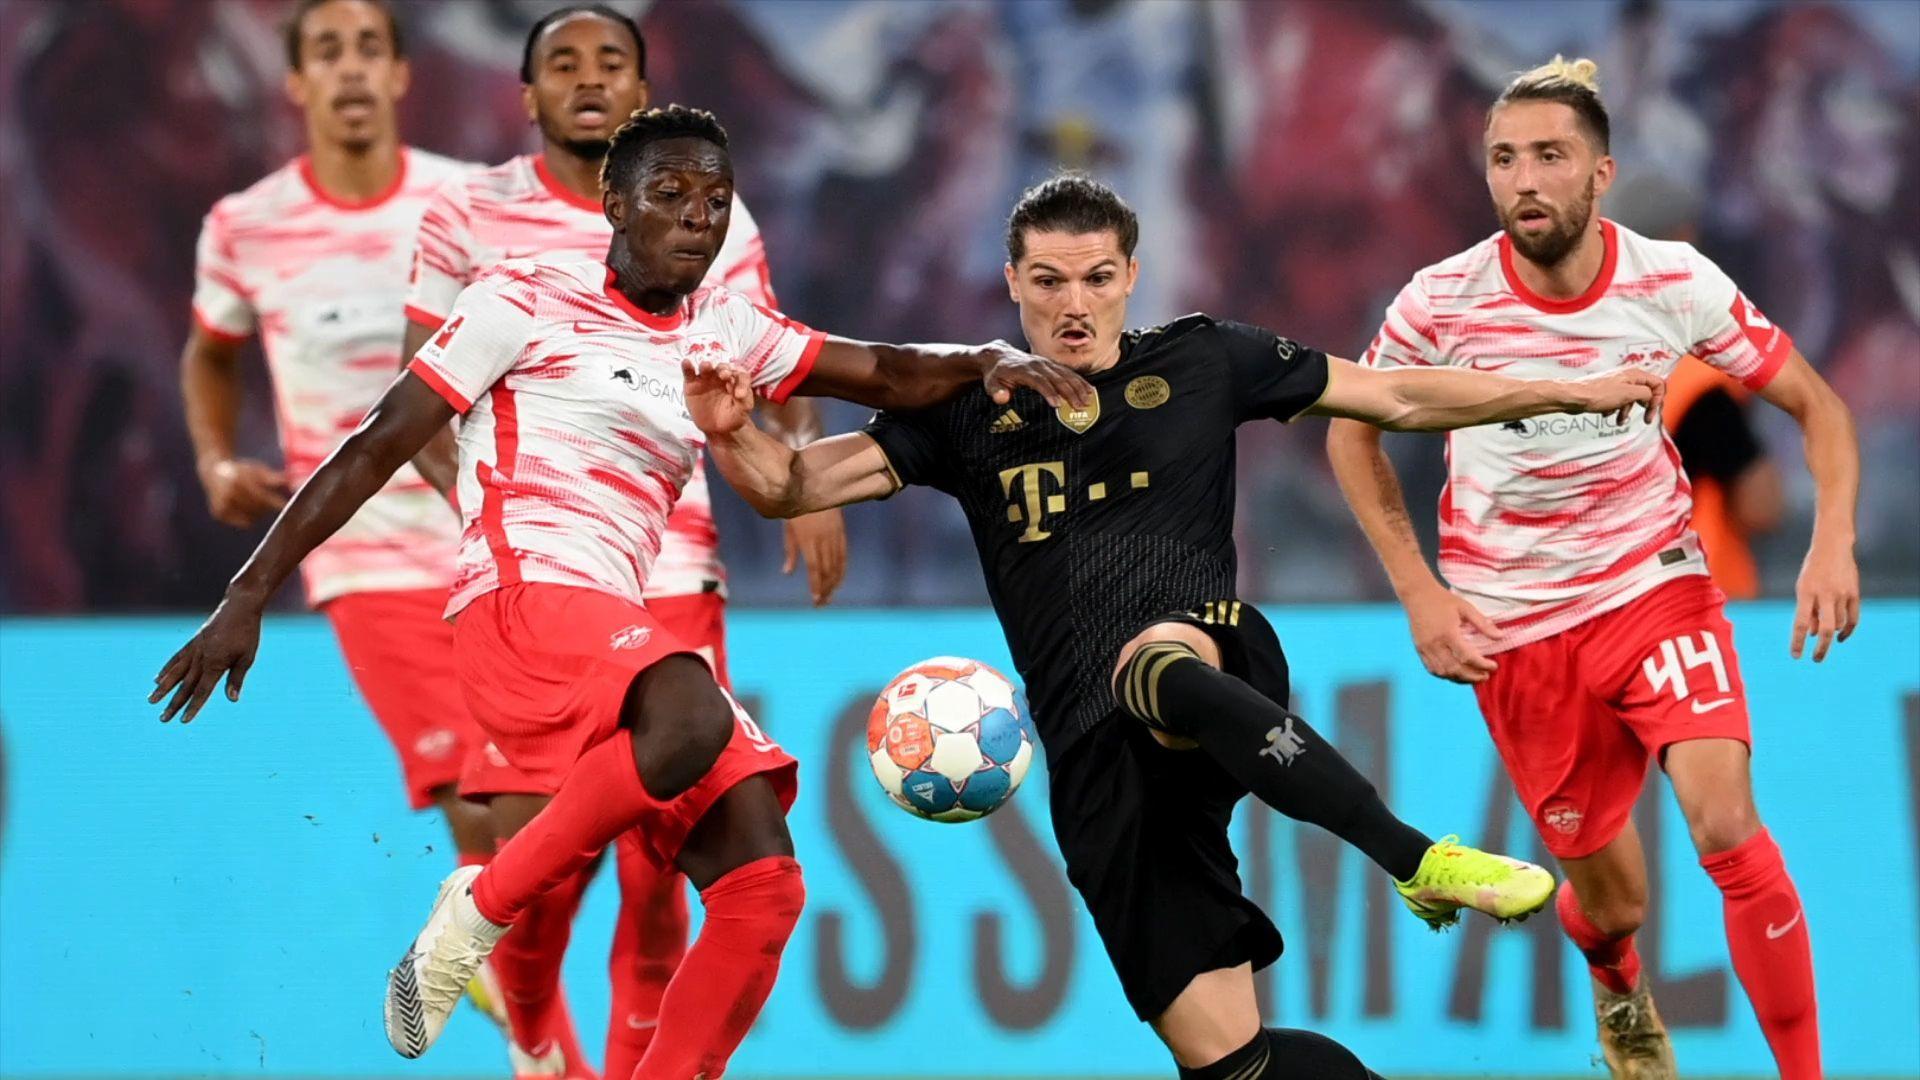 FC Bayern: Nagelsmann benennt Leverkusen als Rivalen um die deutsche Meisterschaft